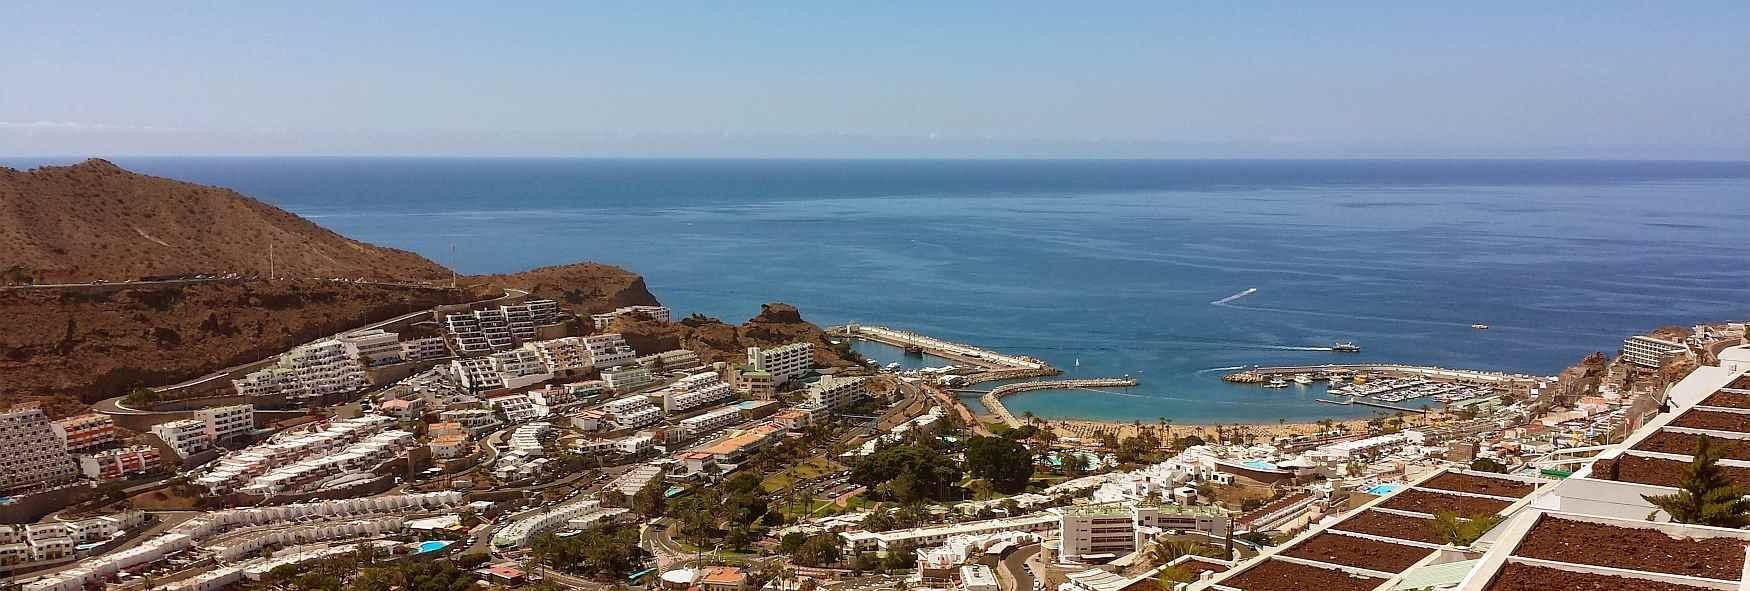 Ausflüge und Sehenswürdigkeiten in Puerto Rico Gran Canaria